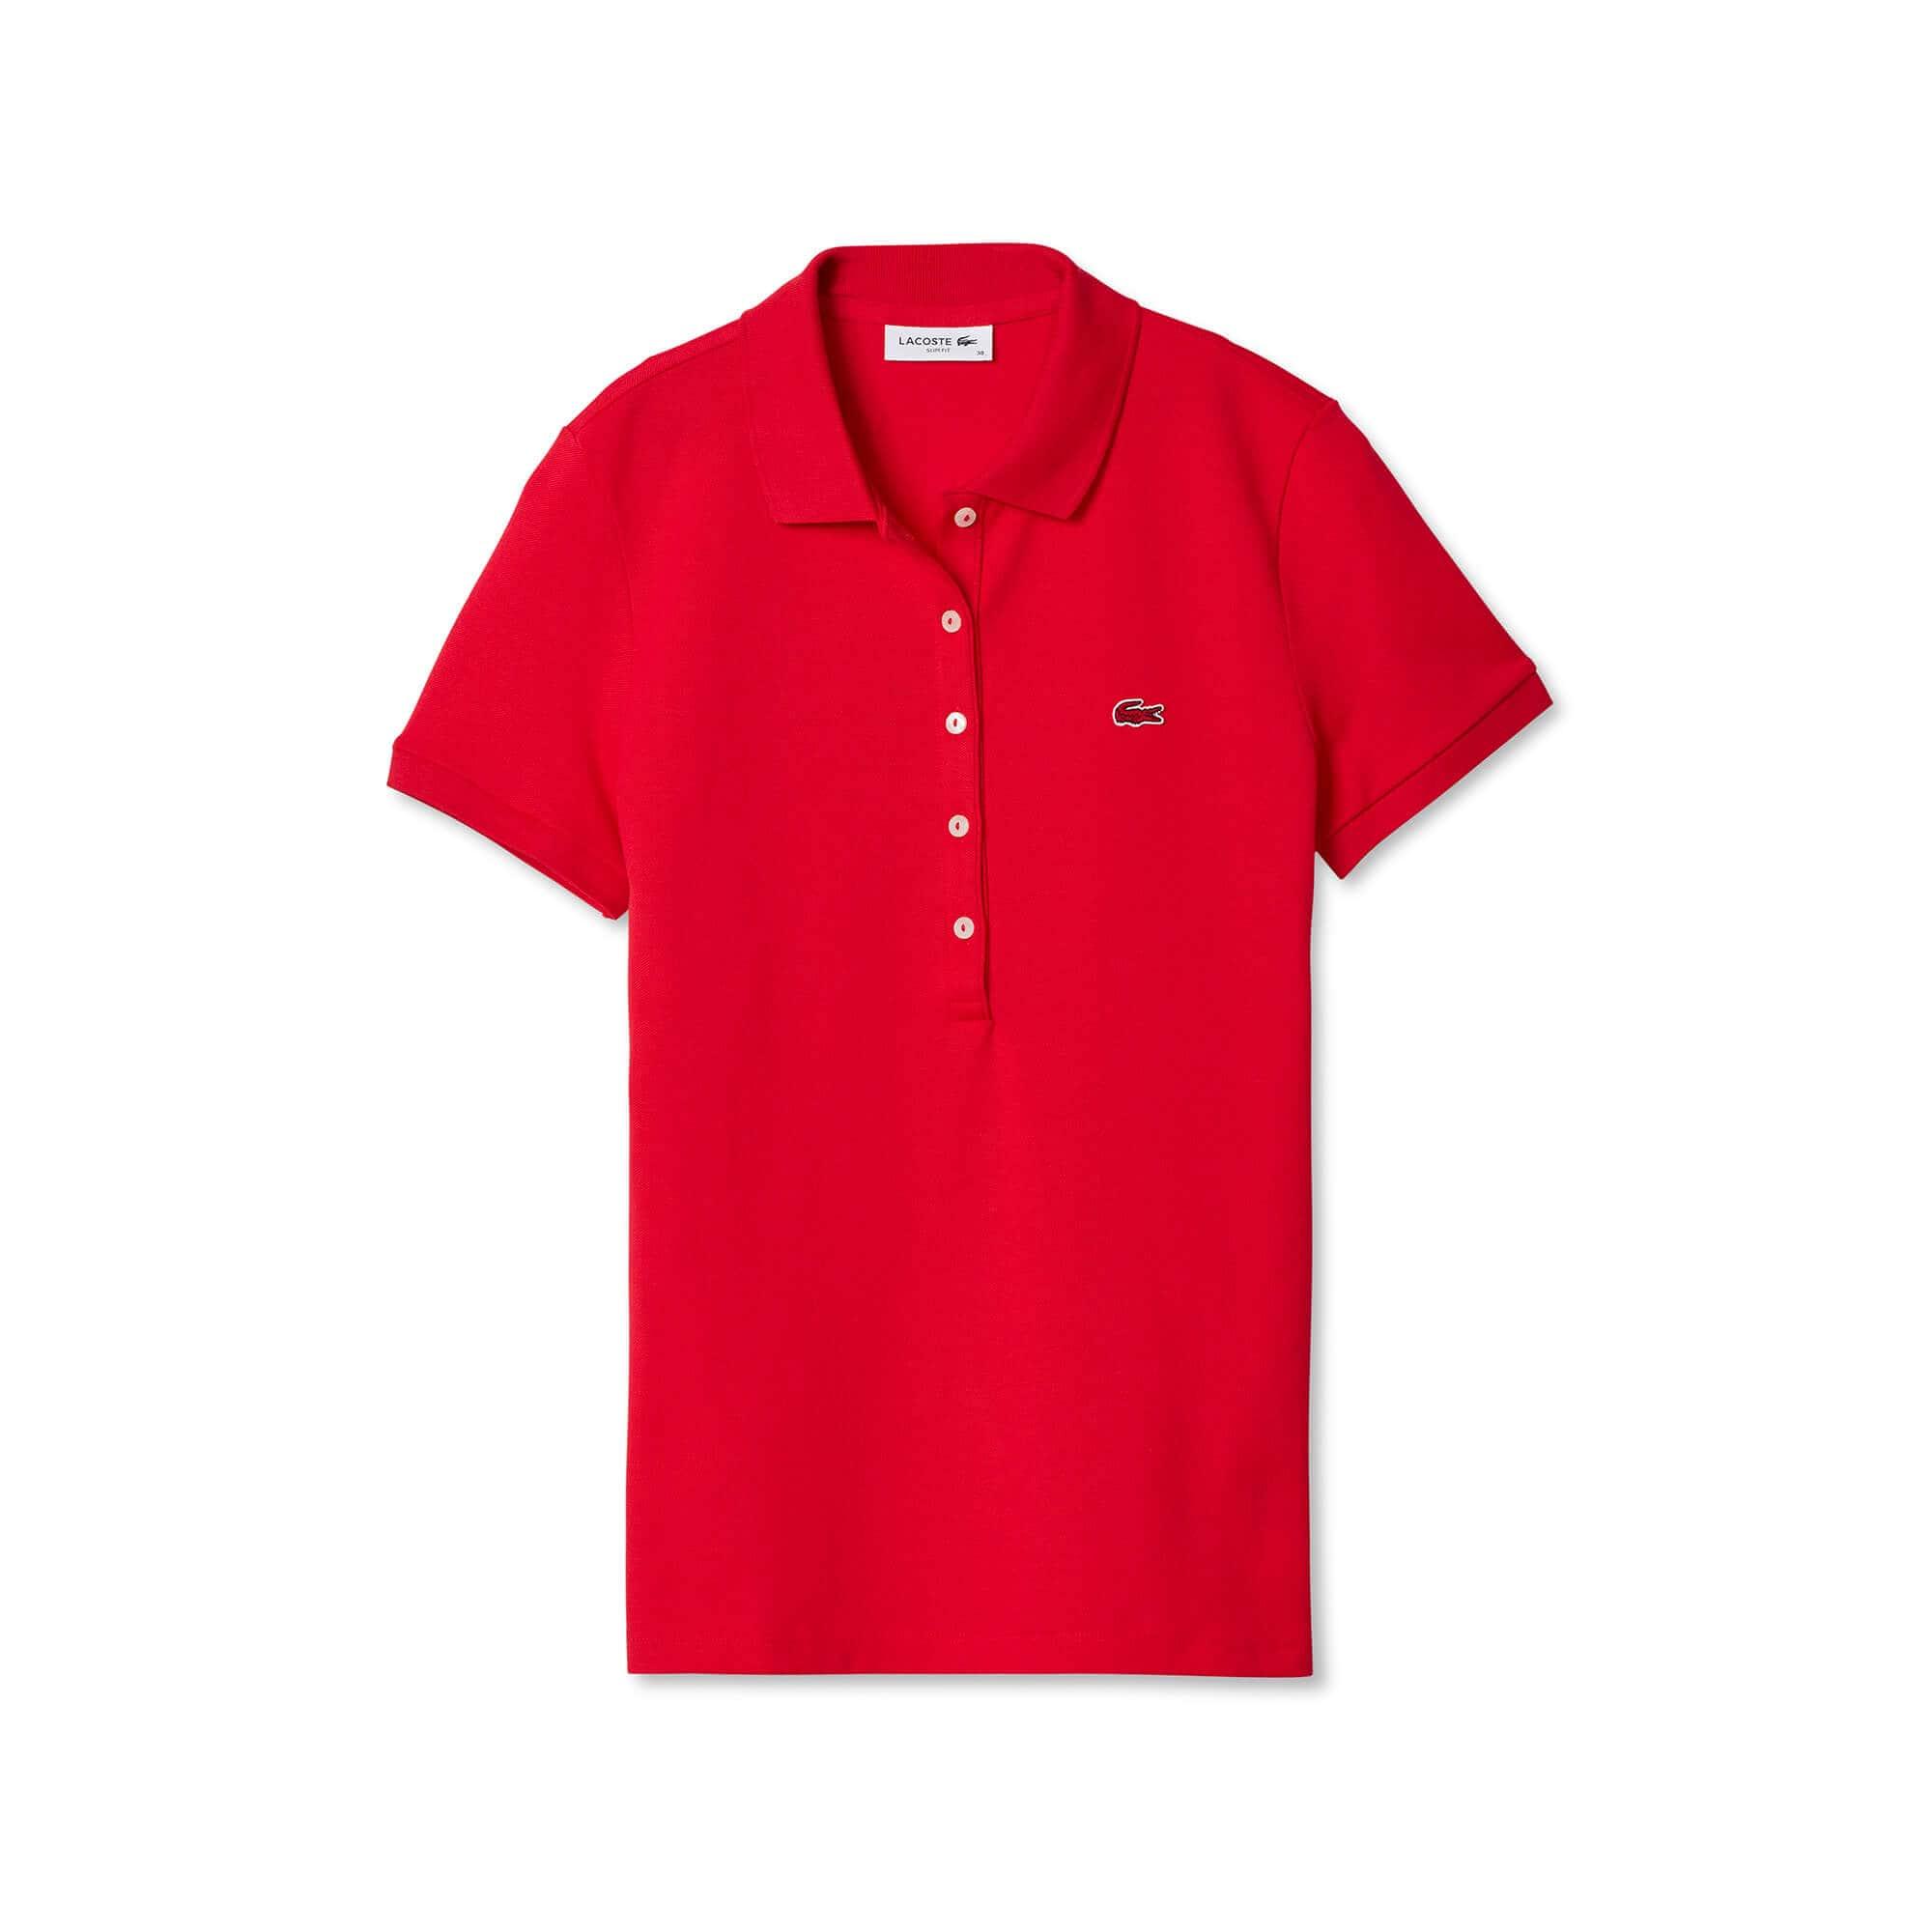 b8d5b54f2cd Camisas polo para mulheres  manga longa e sem manga